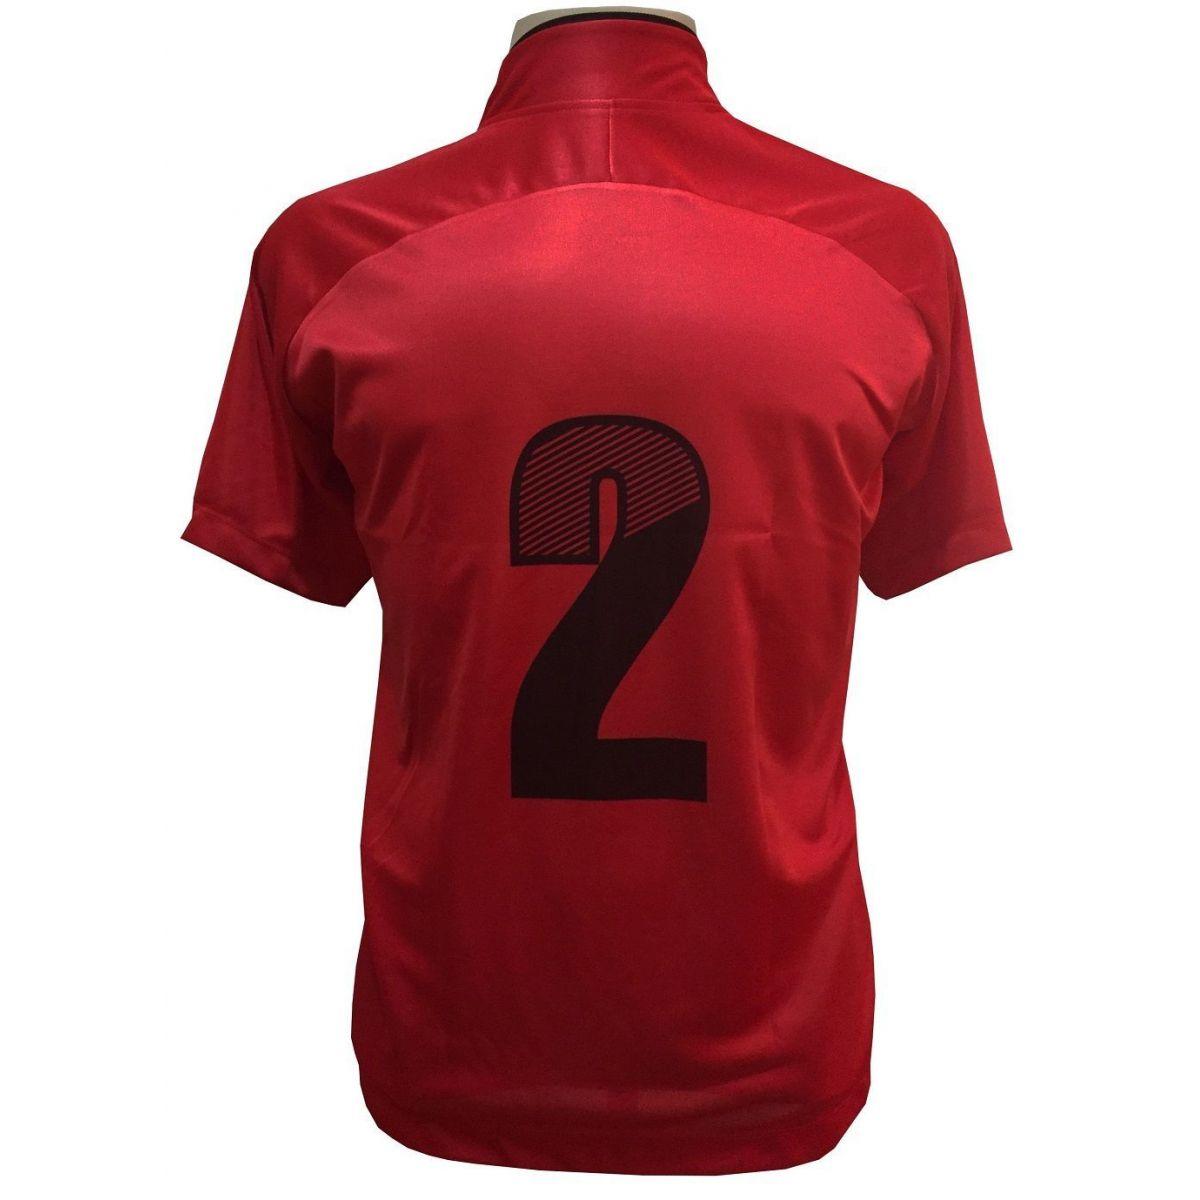 Fardamento Completo modelo City 18+1 (18 Camisas Vermelho/Preto + 18 Calções Madrid Preto + 18 Pares de Meiões Pretos + 1 Conjunto de Goleiro) + Brindes